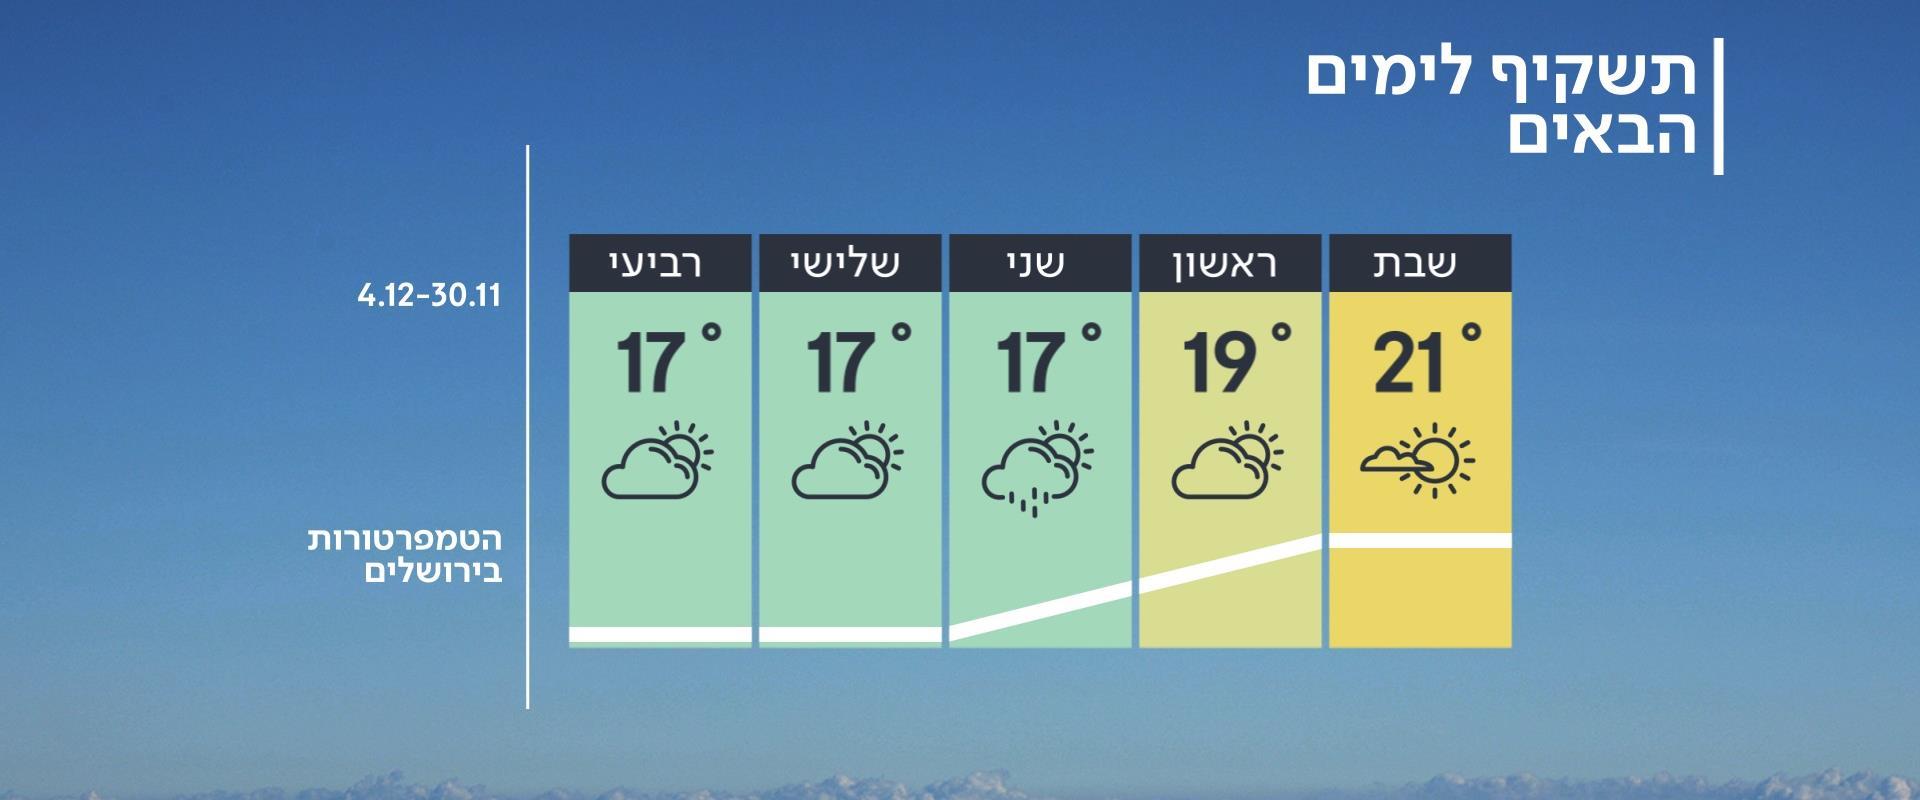 התחזית 29.11.19: ירידה בטמפרטורות וגשם